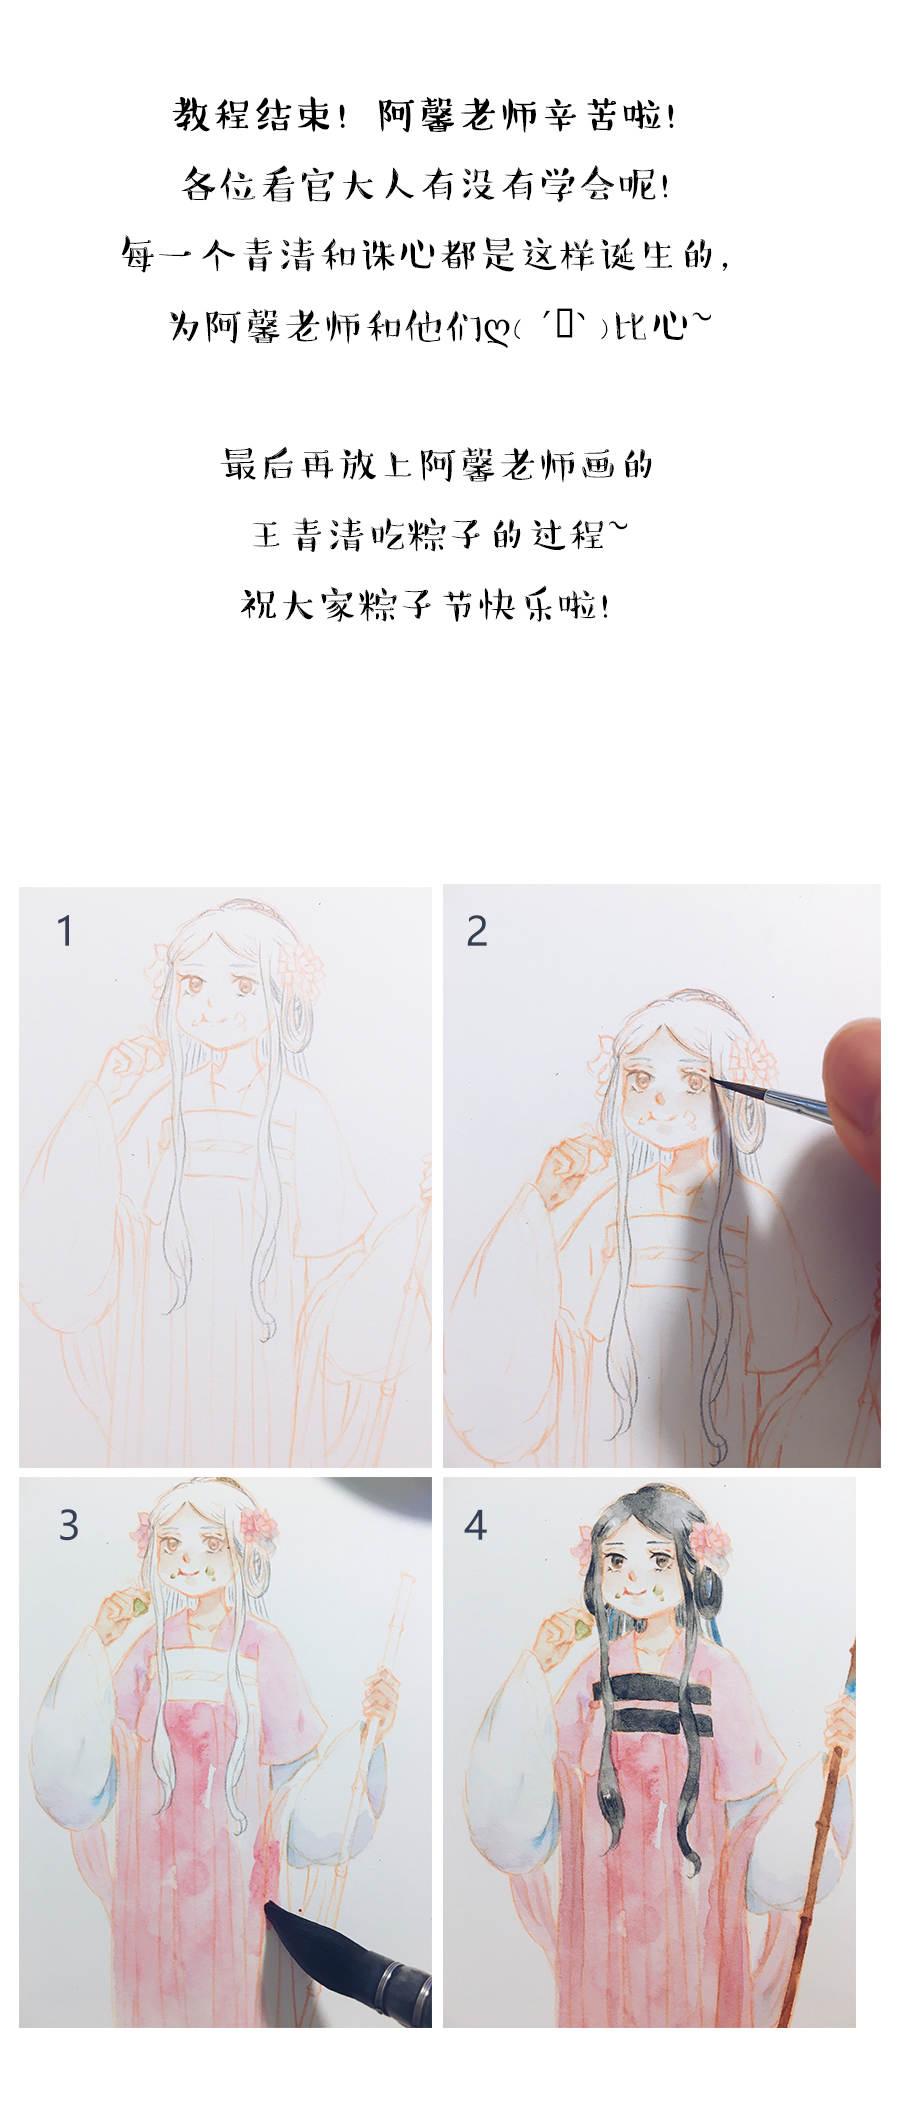 神归何处第25话  番外:神归教室 妙笔生画 第 10